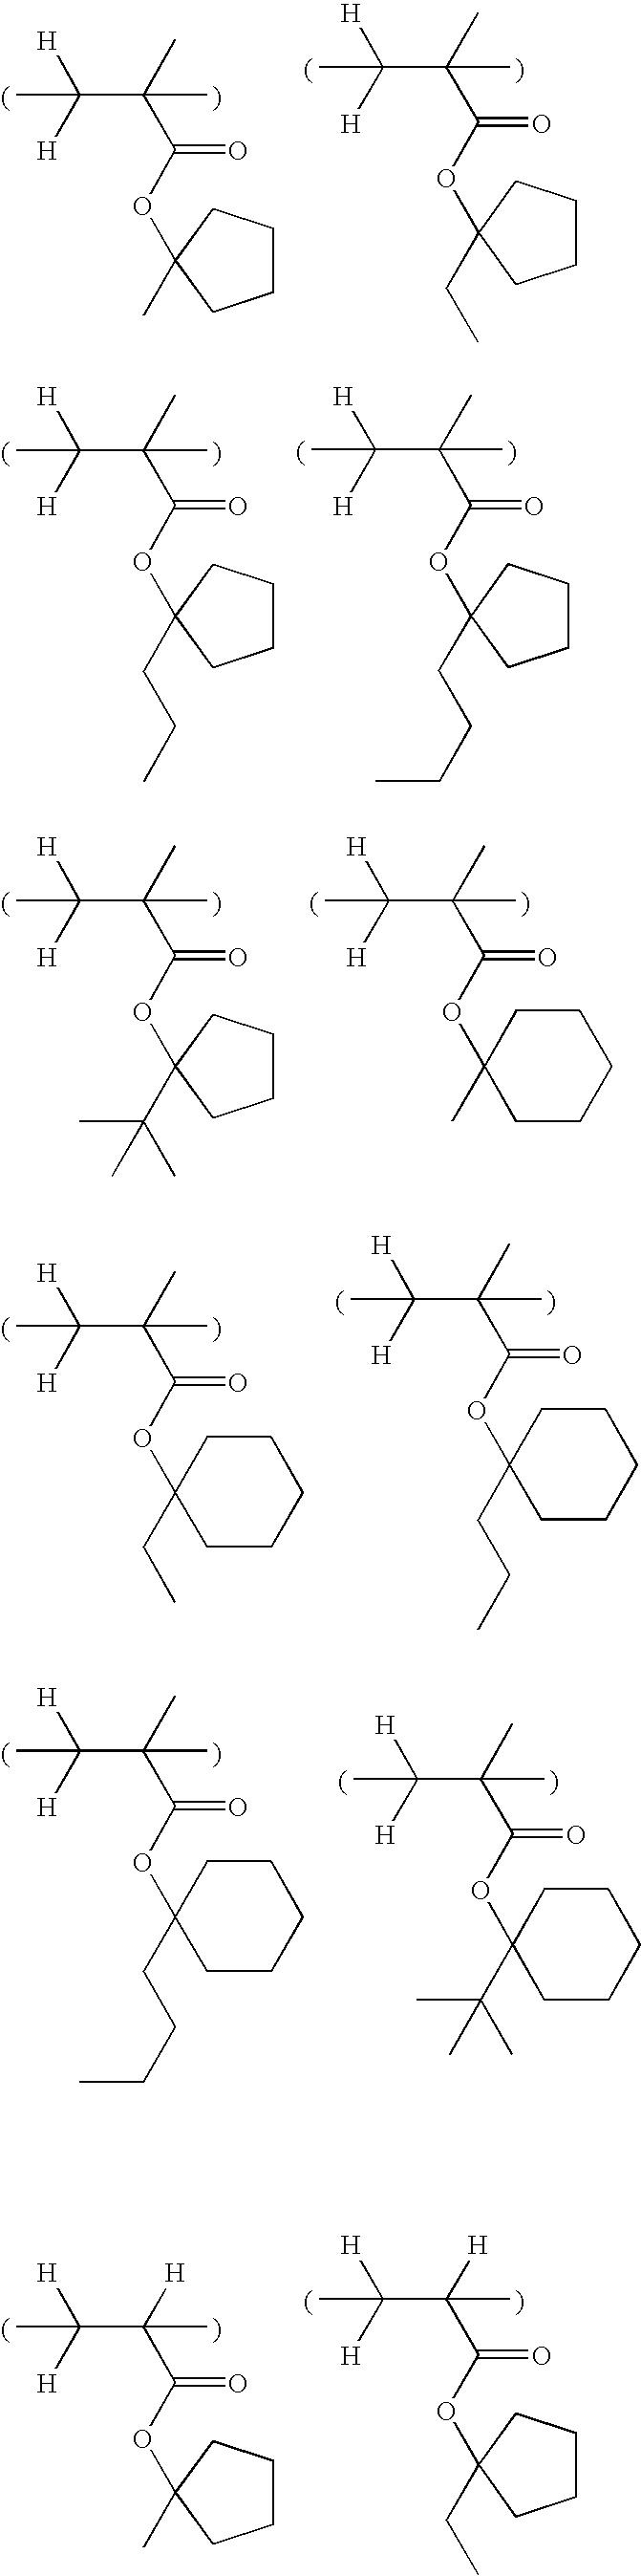 Figure US20070231738A1-20071004-C00045